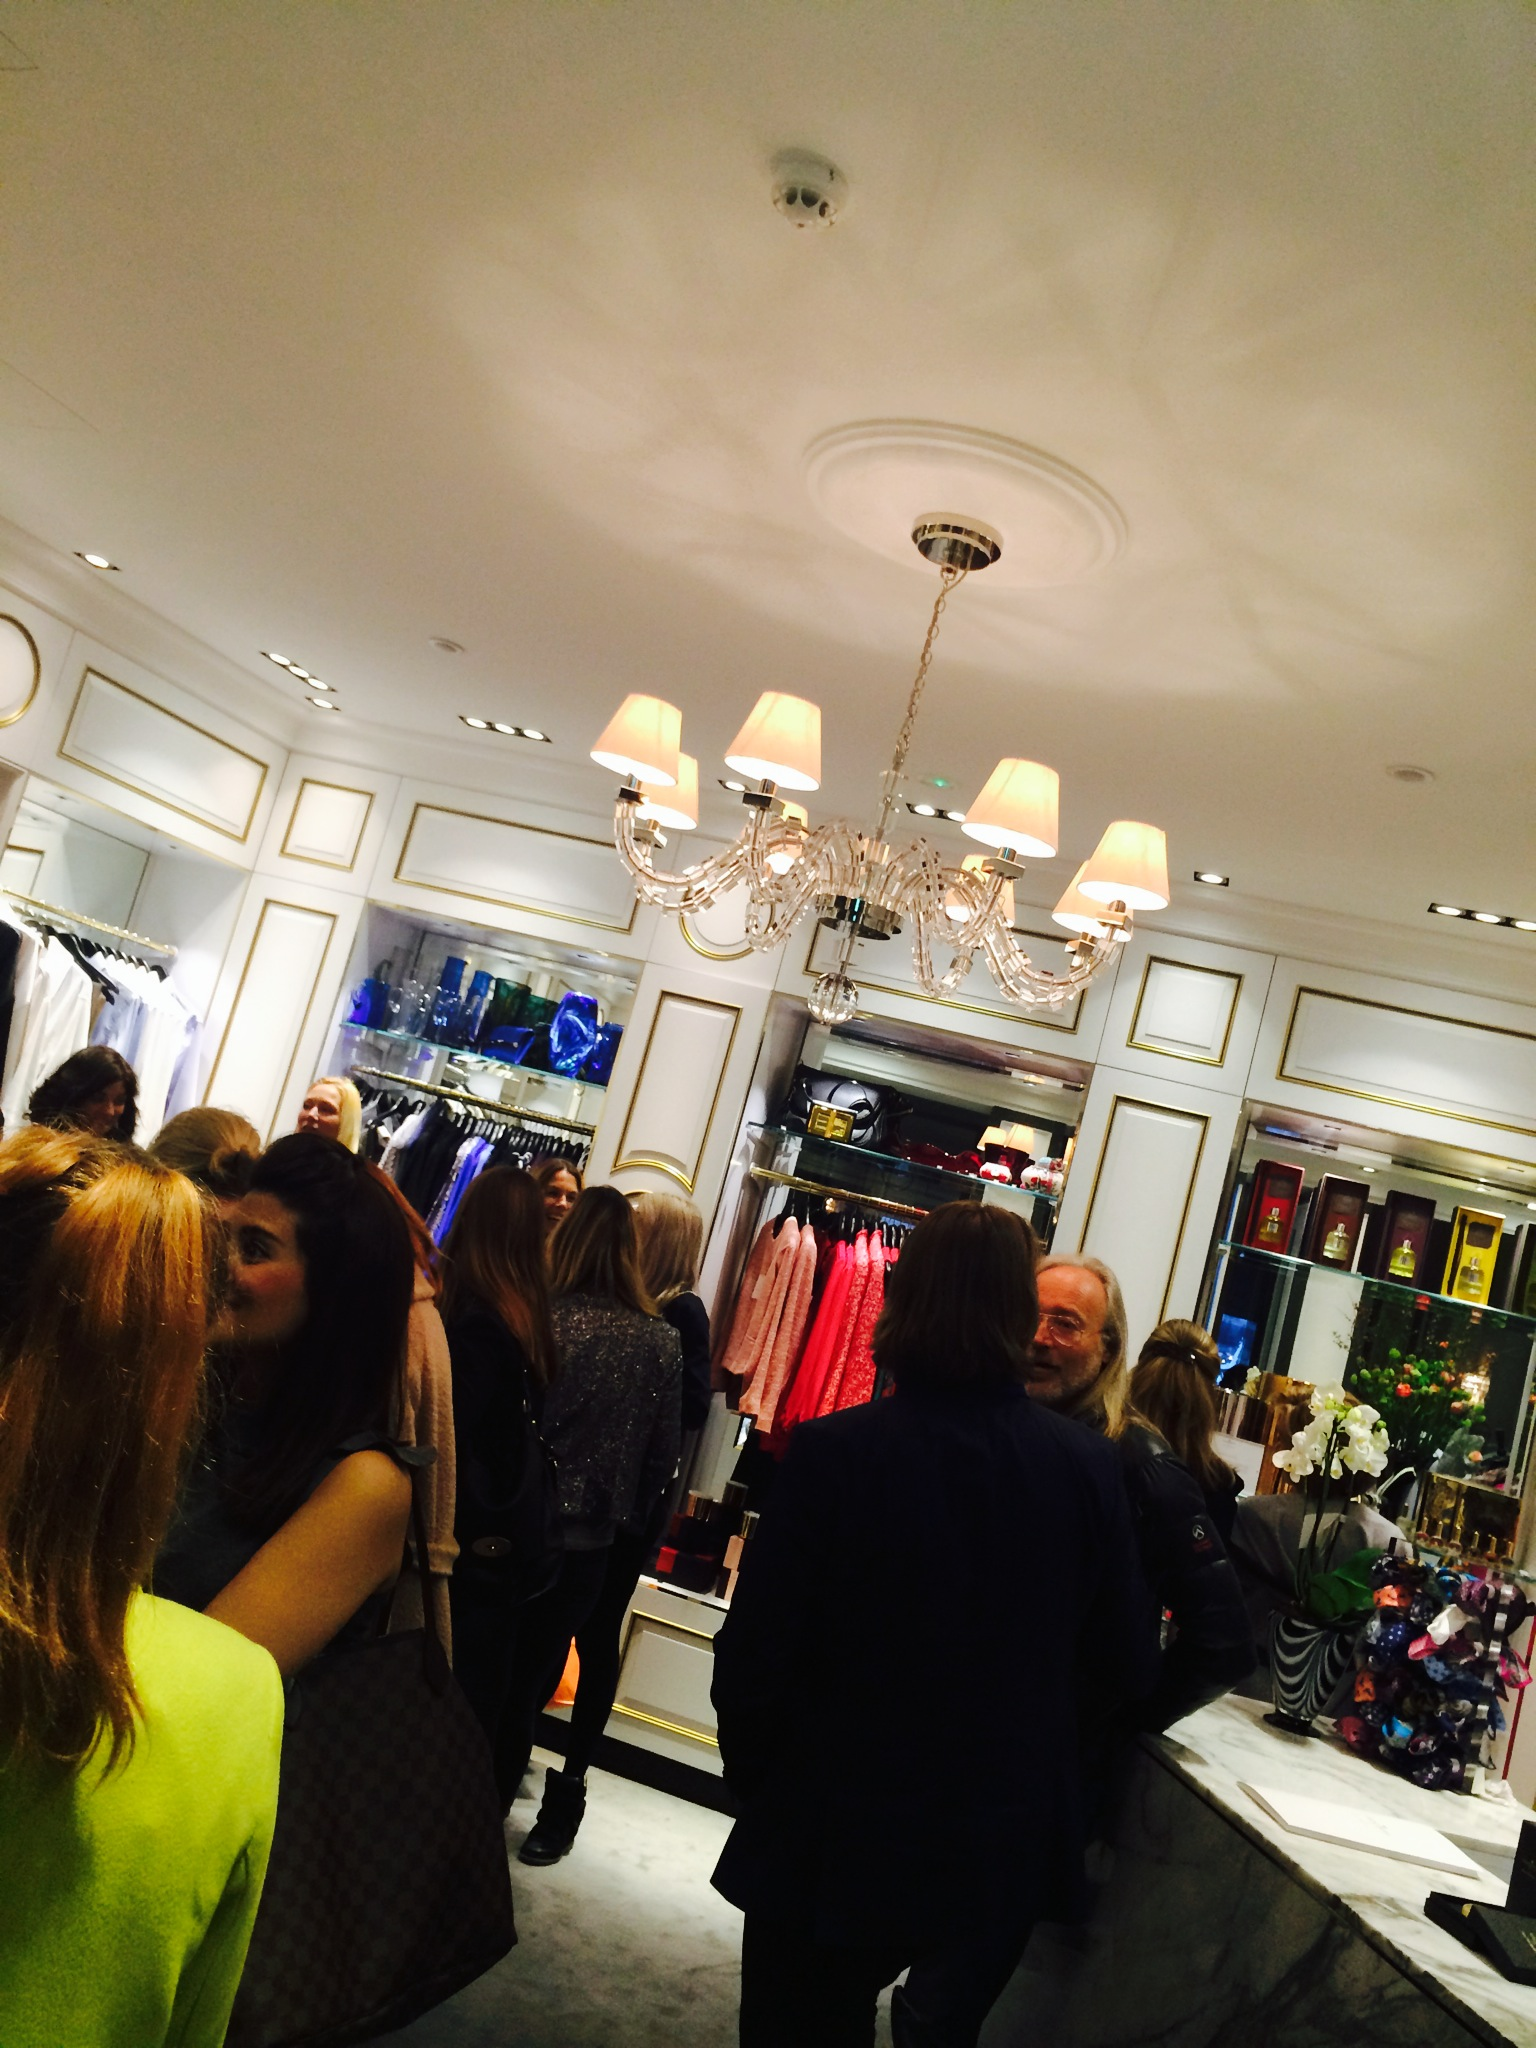 Grands nya butik Grand Affection har noga utvald one-piece kläder och selektiva designguldkorn Öppet 07.00 - 23.00 alla dagar